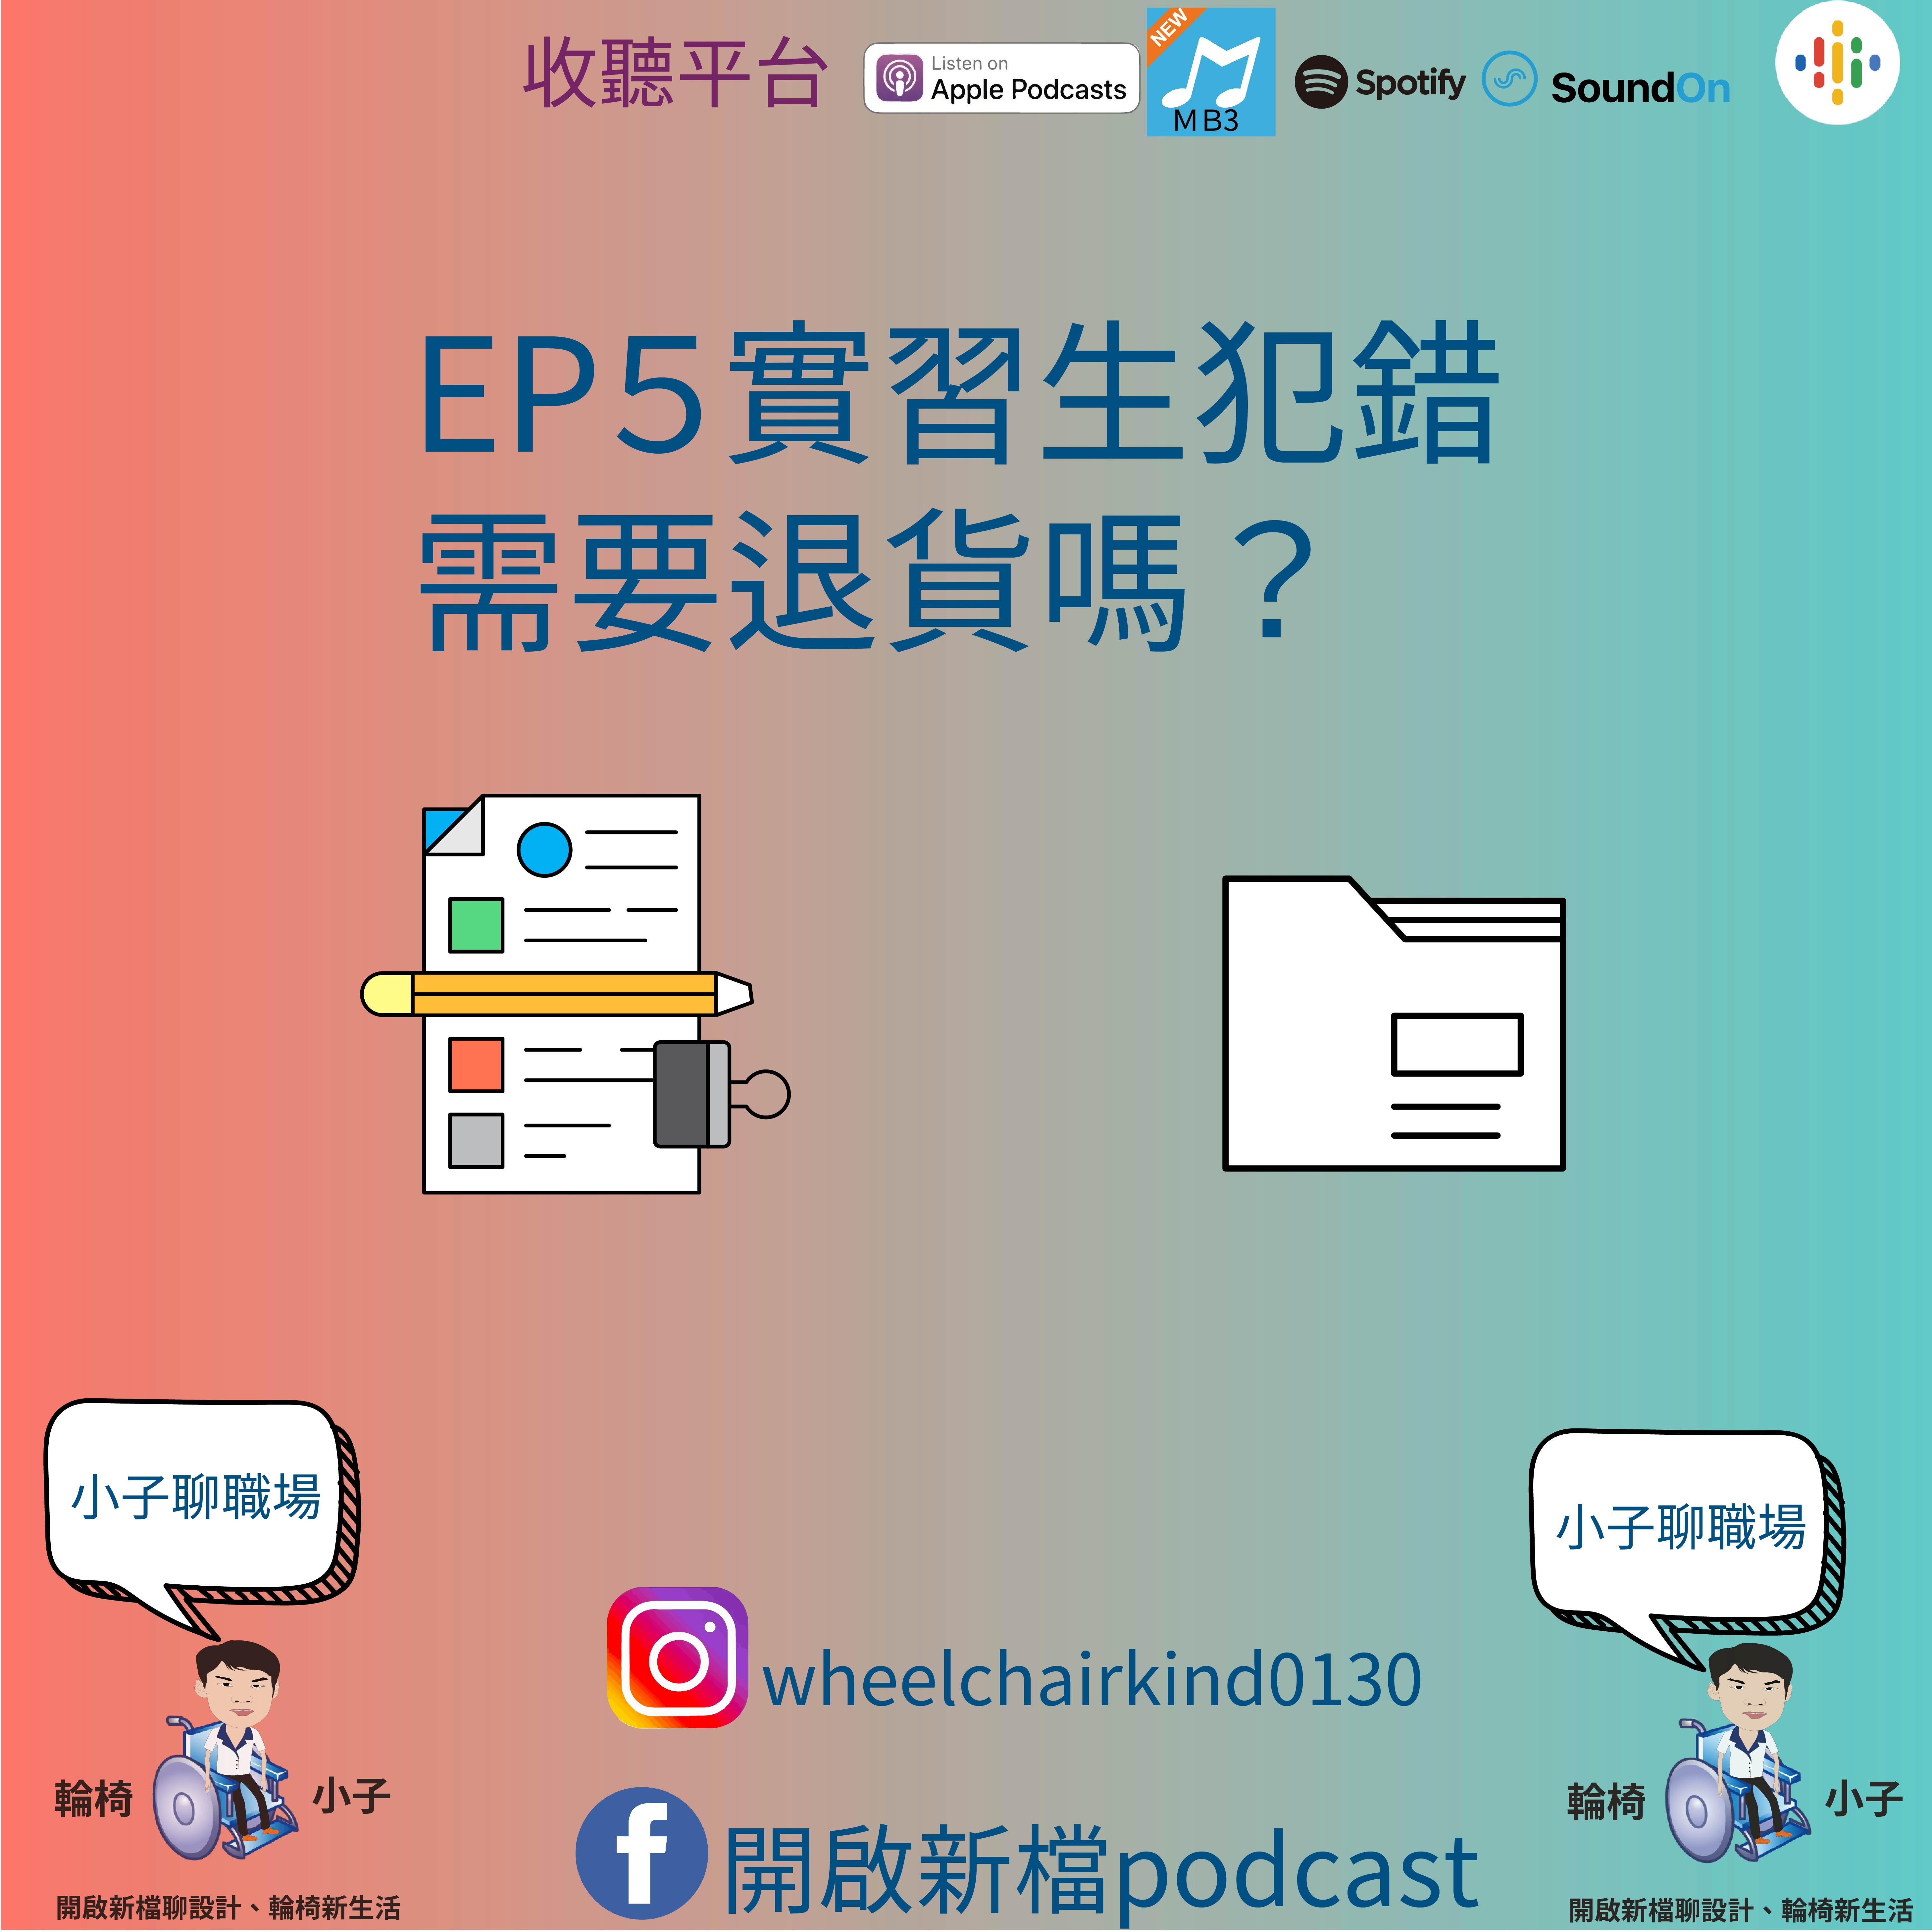 EP5實習生犯錯需要退貨?